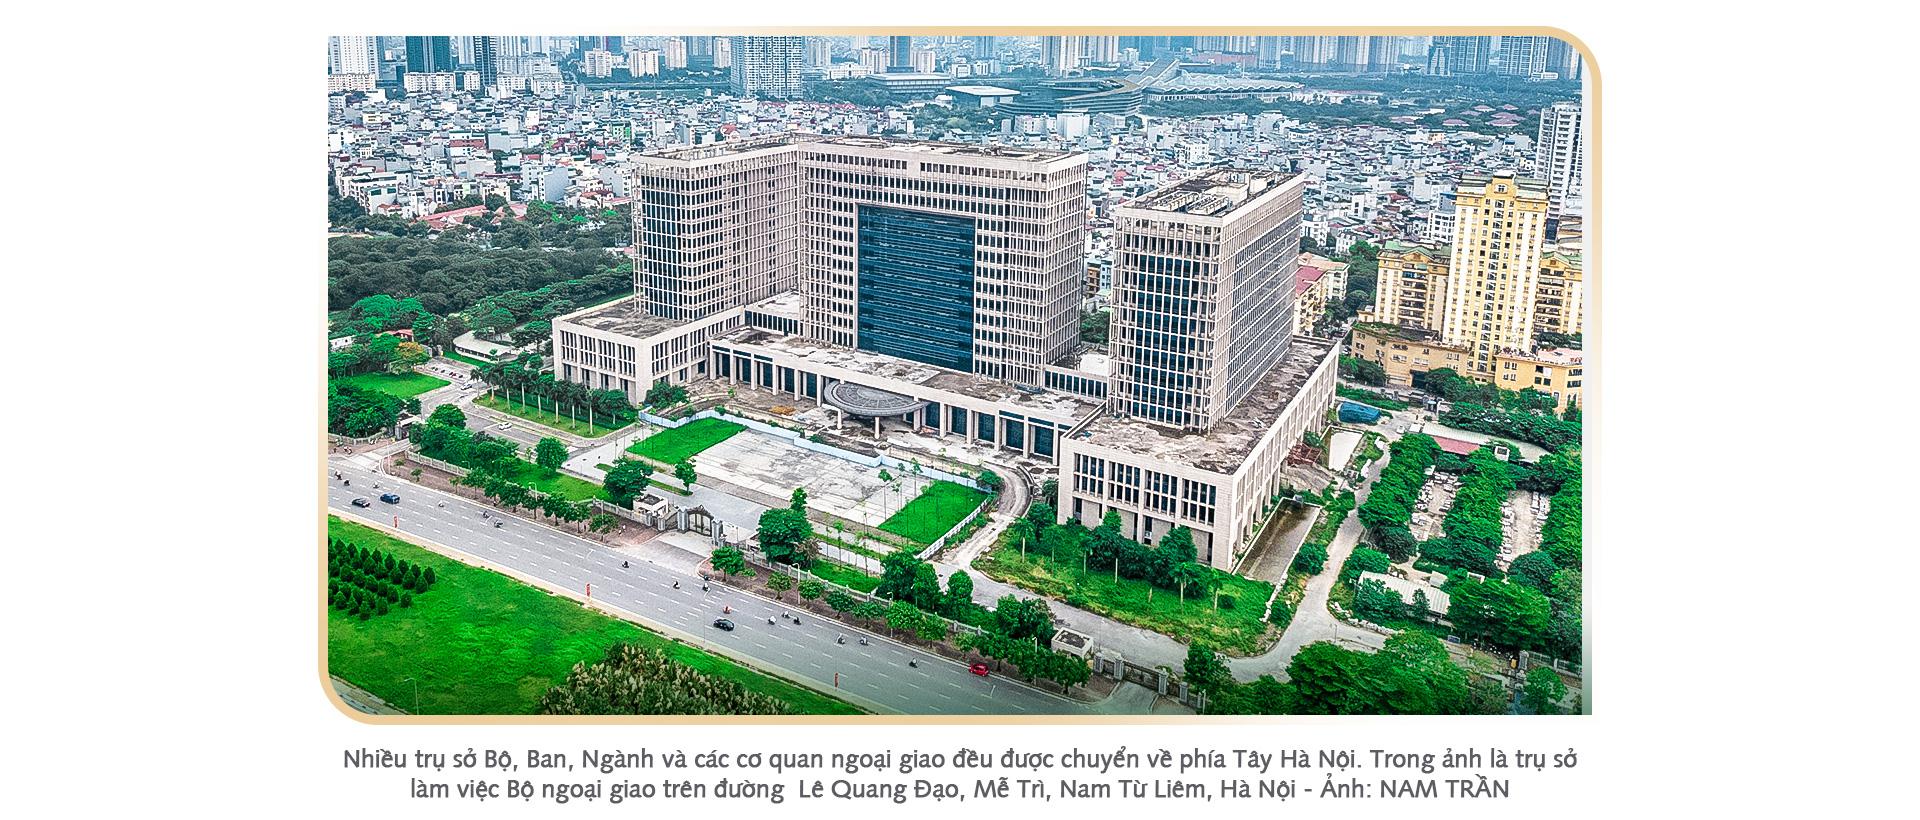 Trung tâm mới phía Tây Hà Nội thu hút nhà đầu tư quốc tế - Ảnh 9.